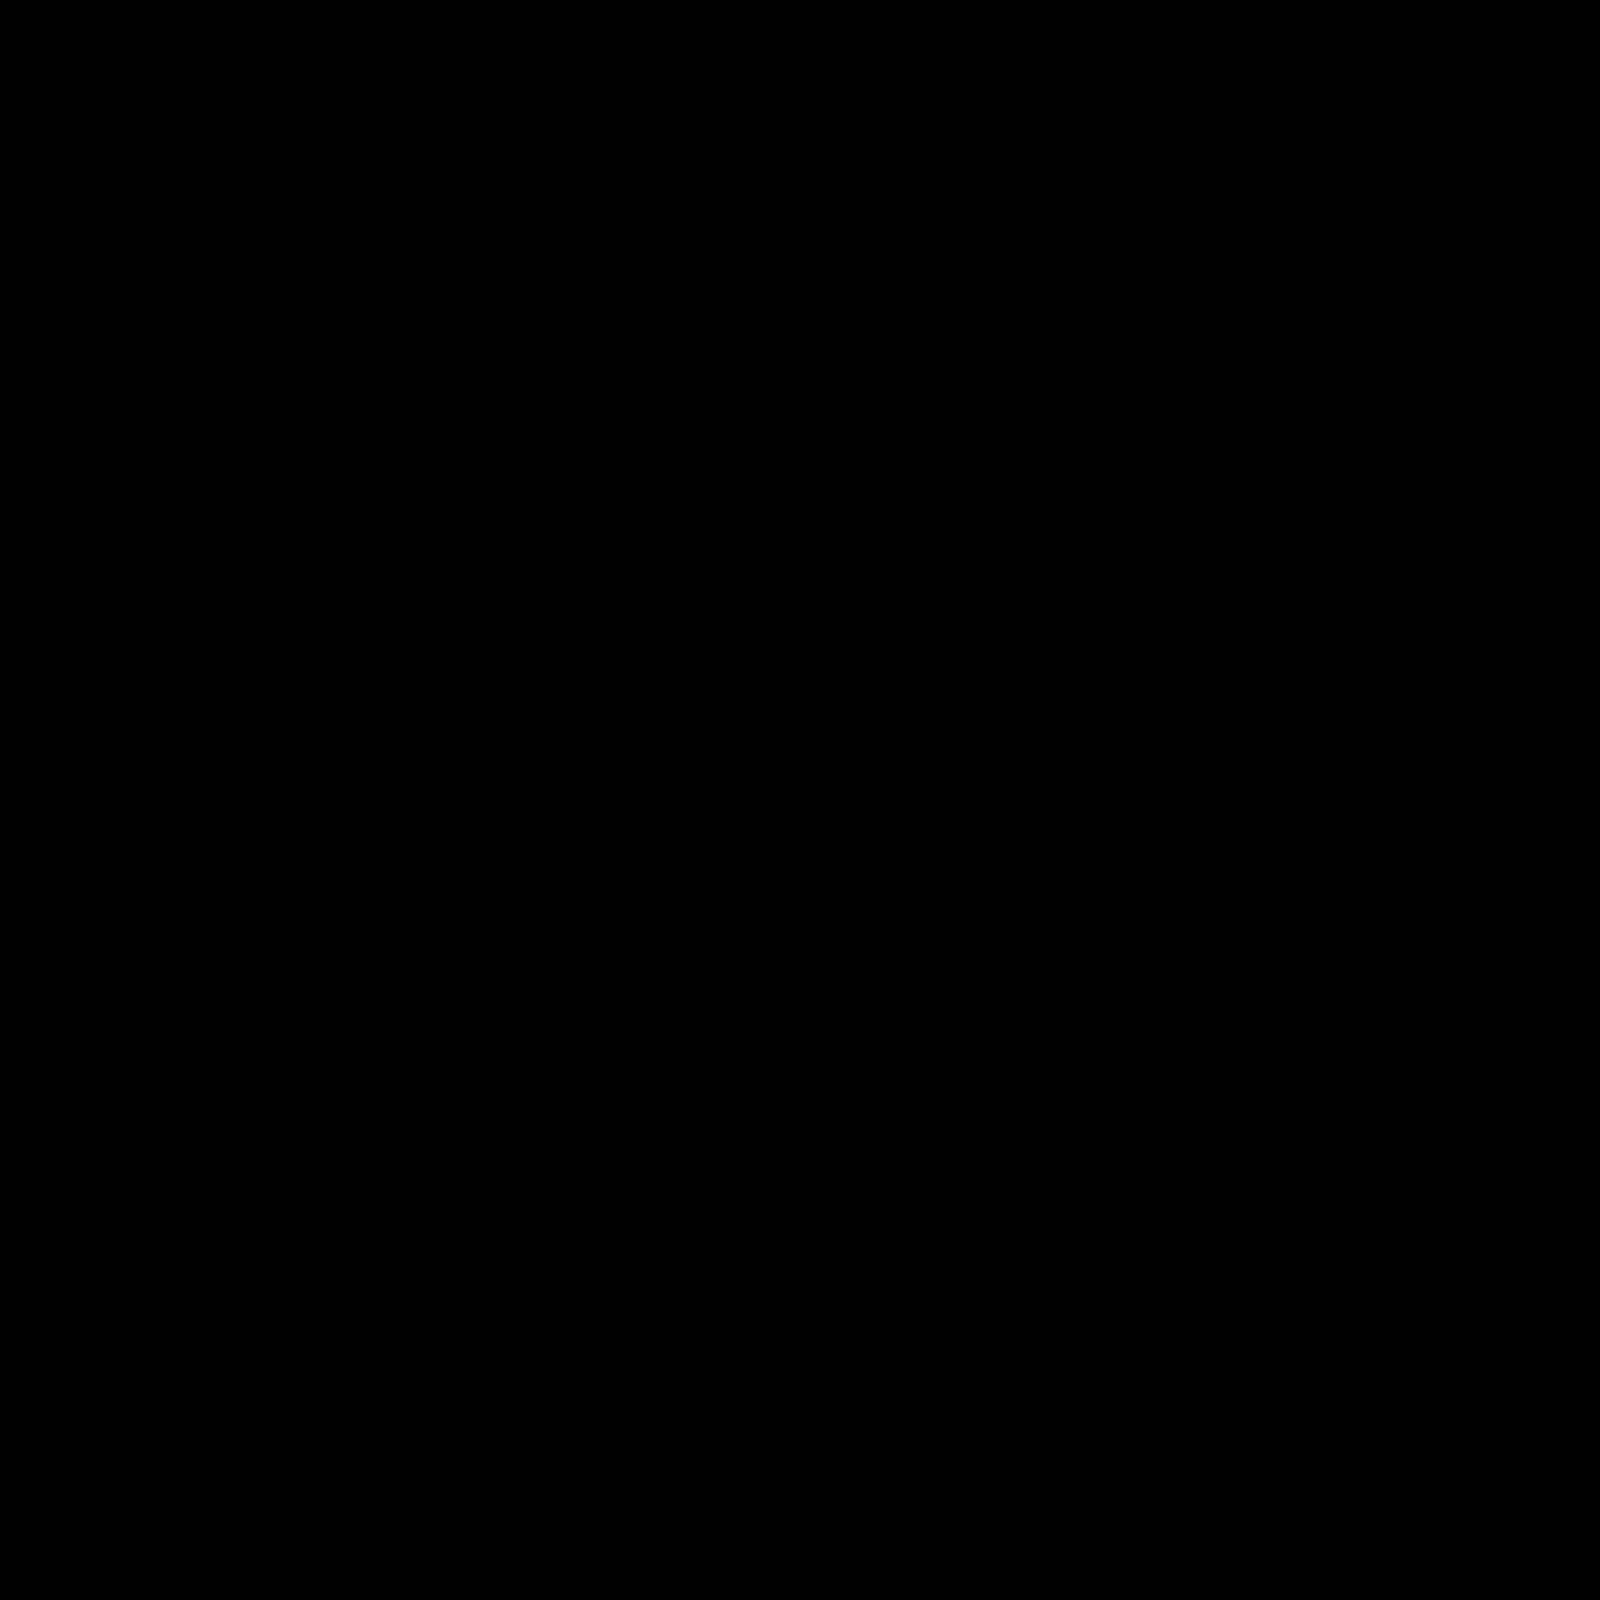 Dziecko icon